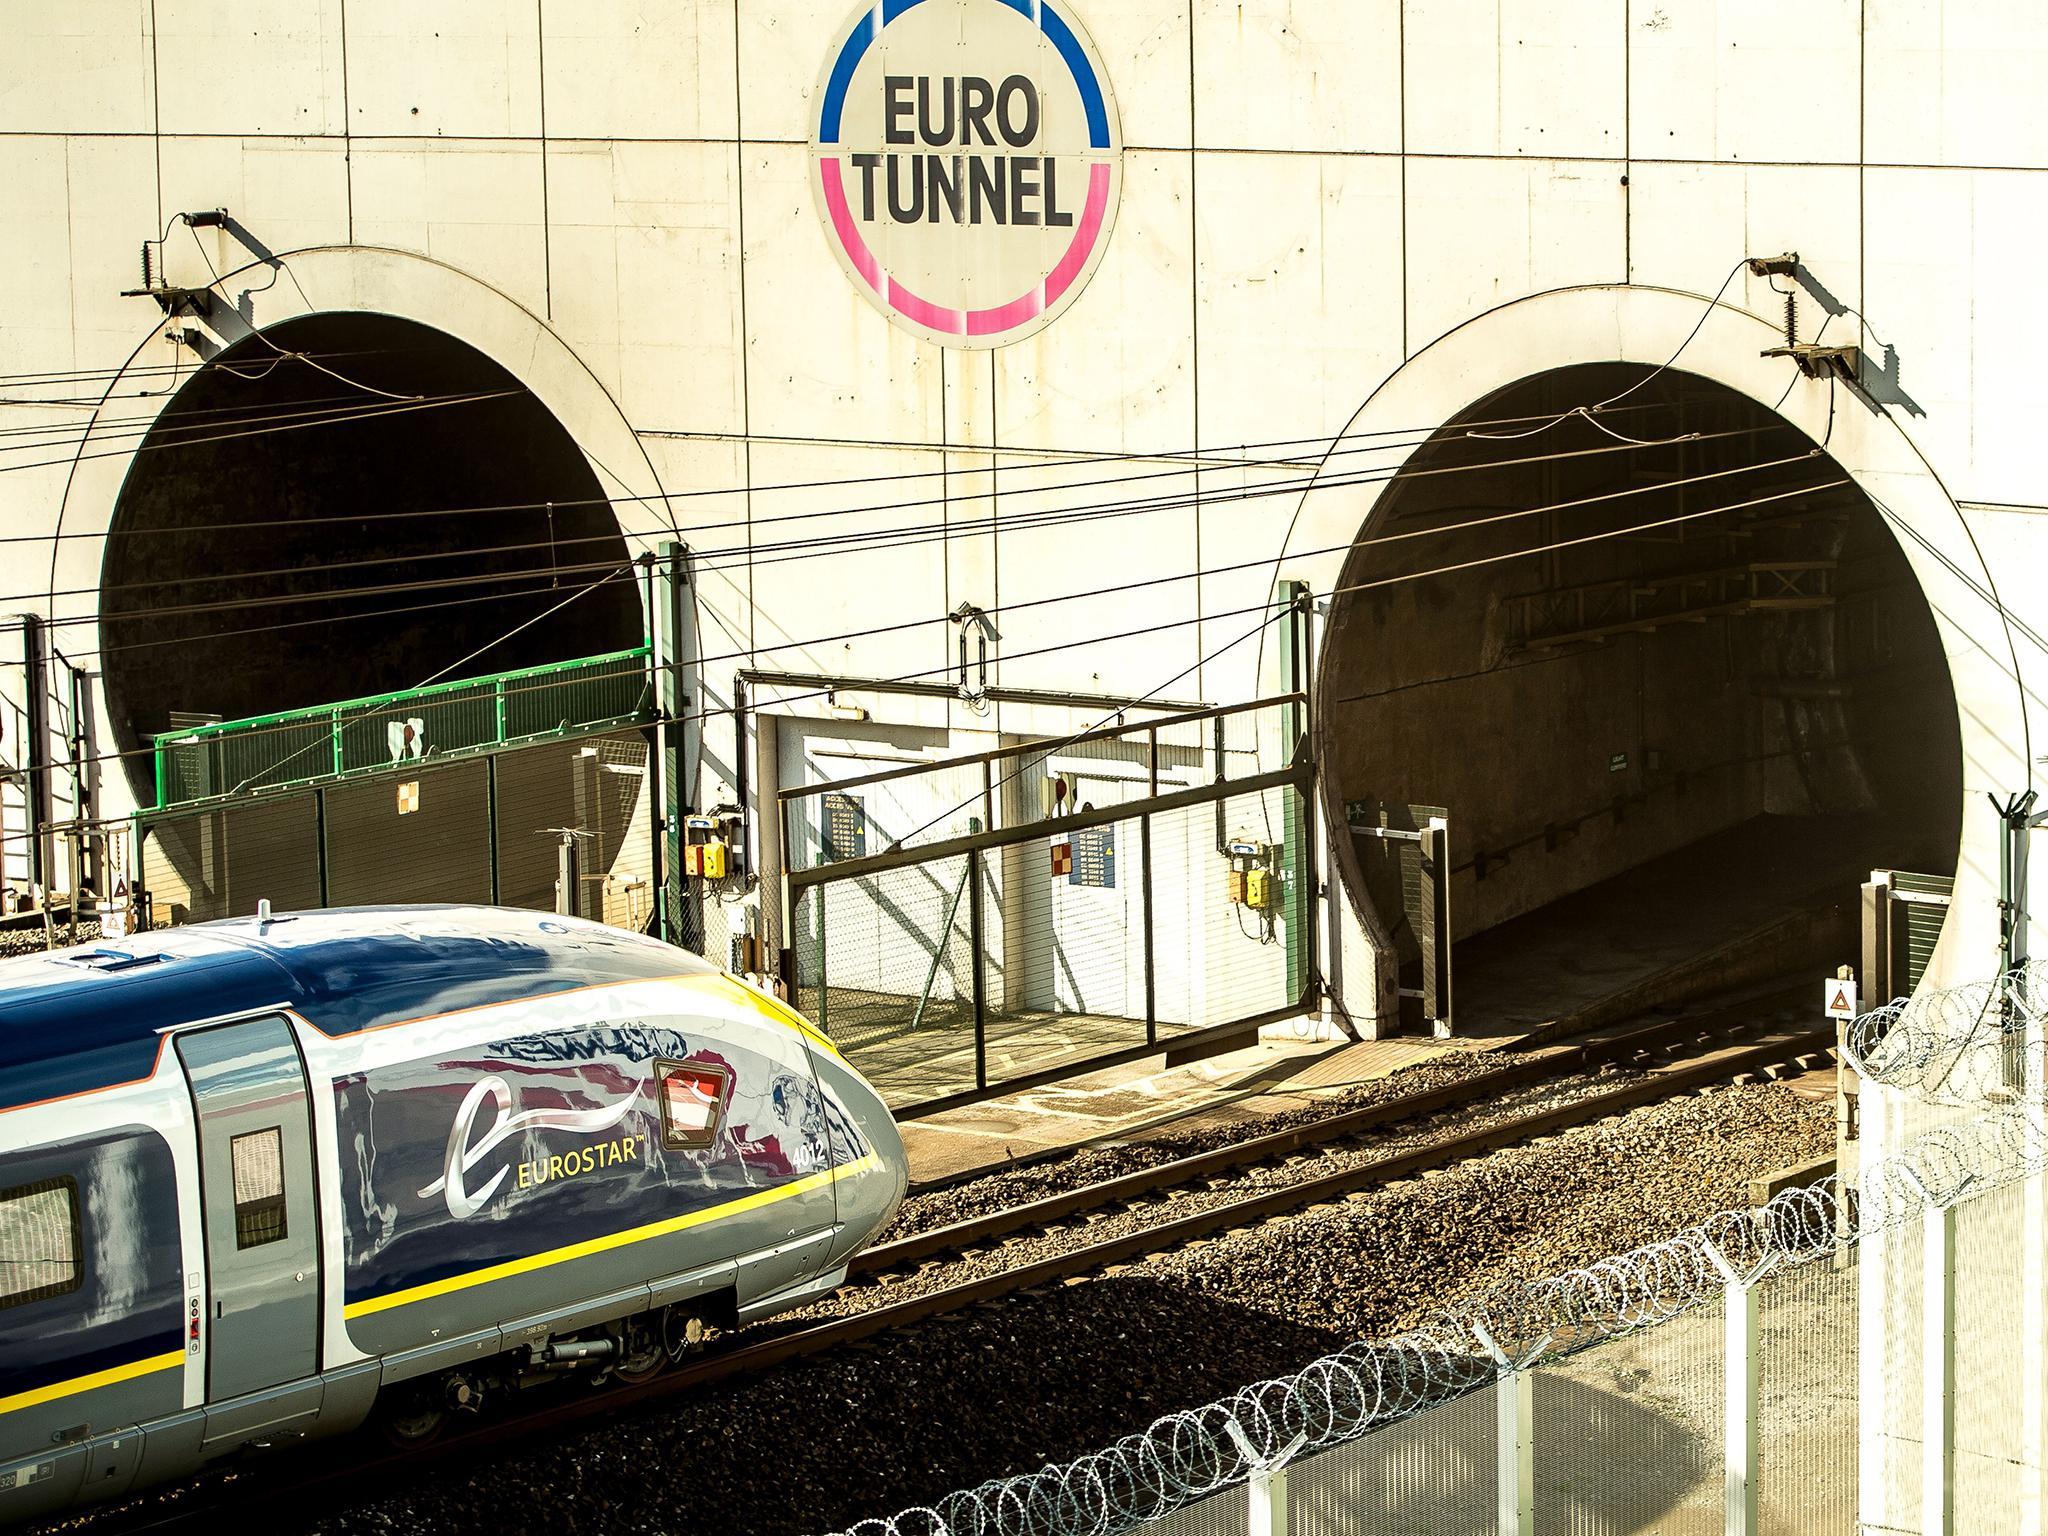 Eurotunnel/Eurostar